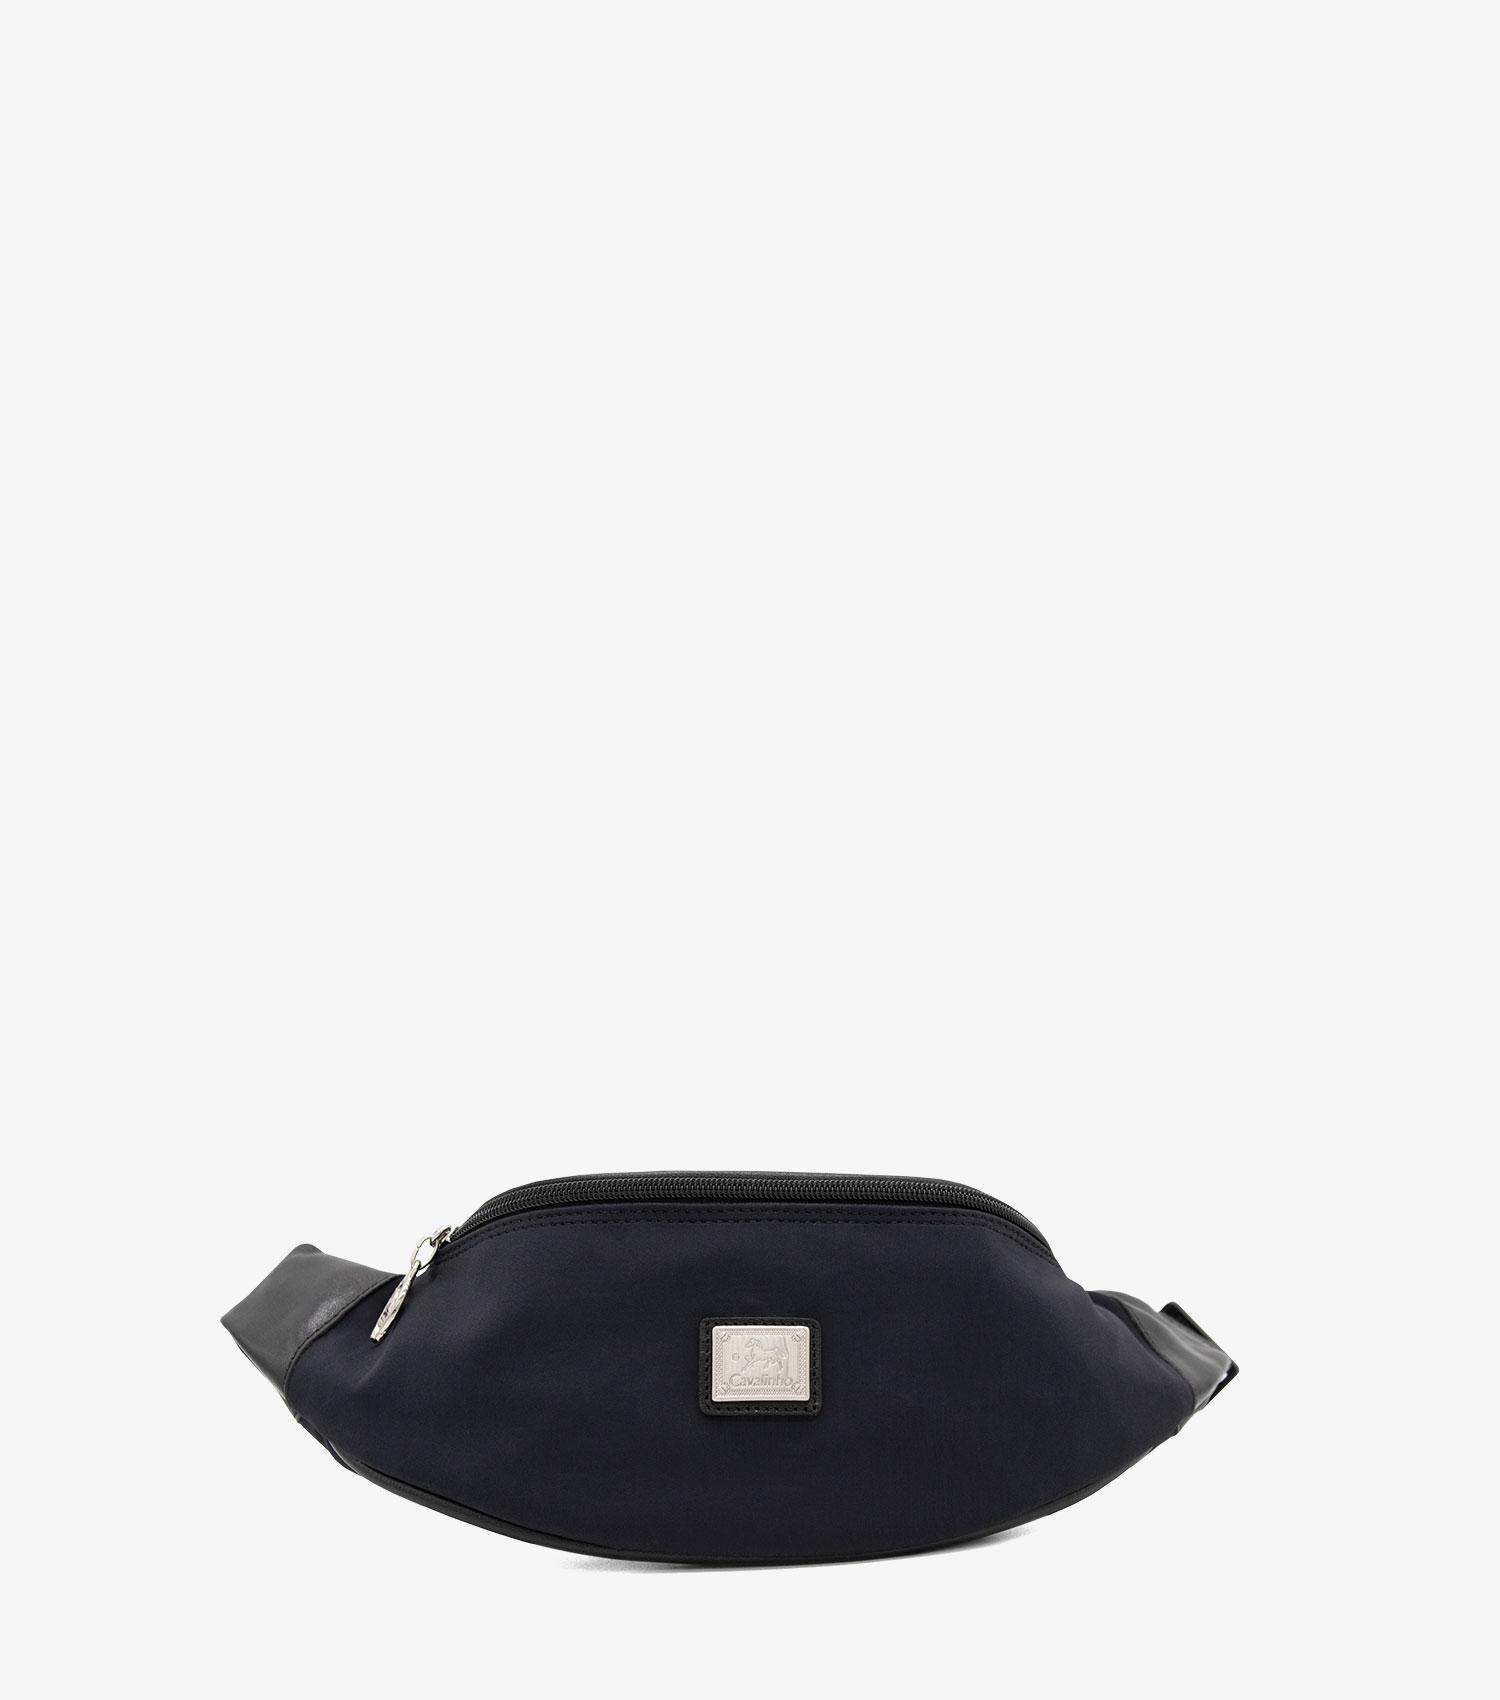 bolsa de cintura sporty line_1.jpg